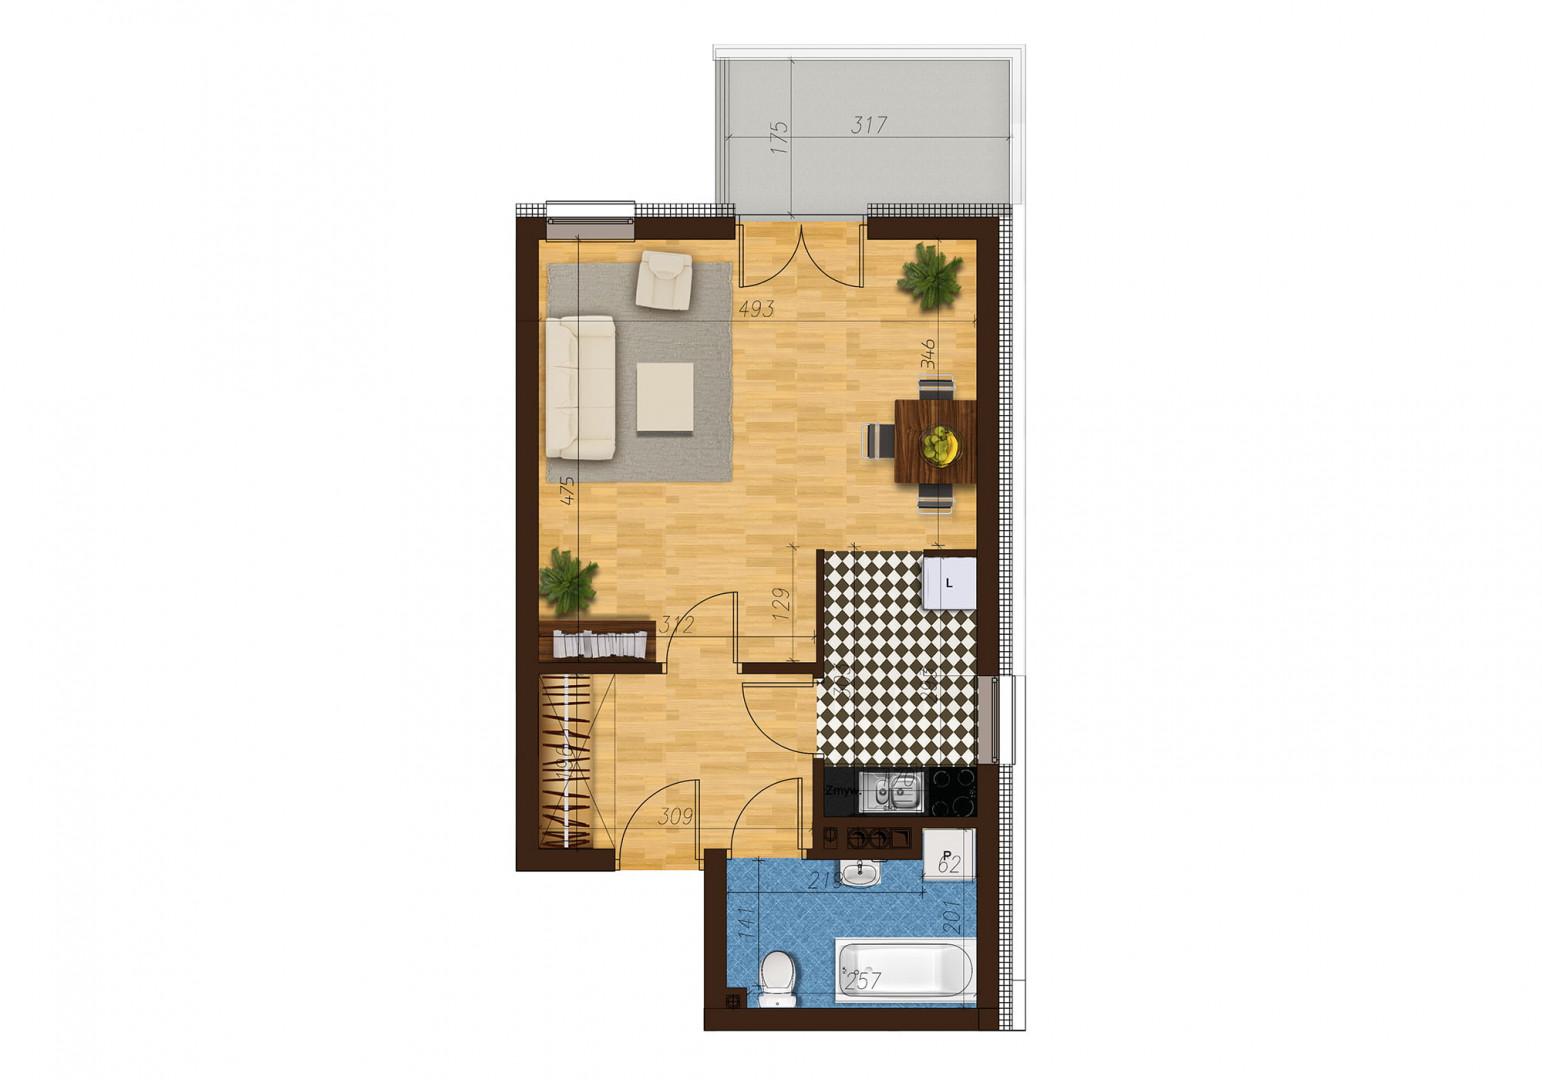 Mieszkanie jednopokojowe 33B/27 rzut 1